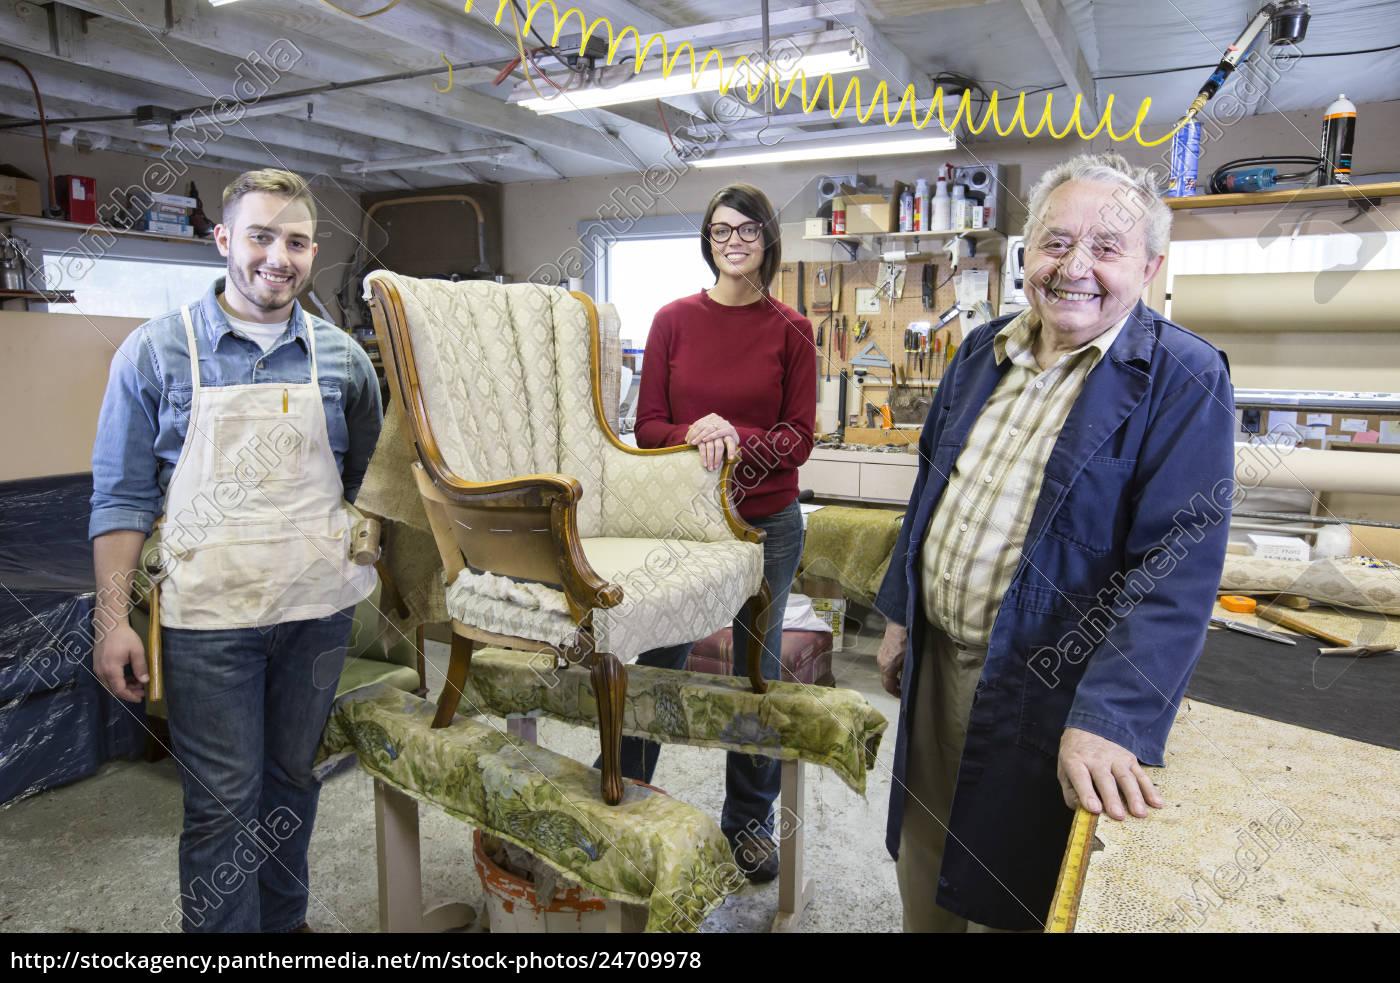 senior, caucasian, man, upholsterer, and, his - 24709978